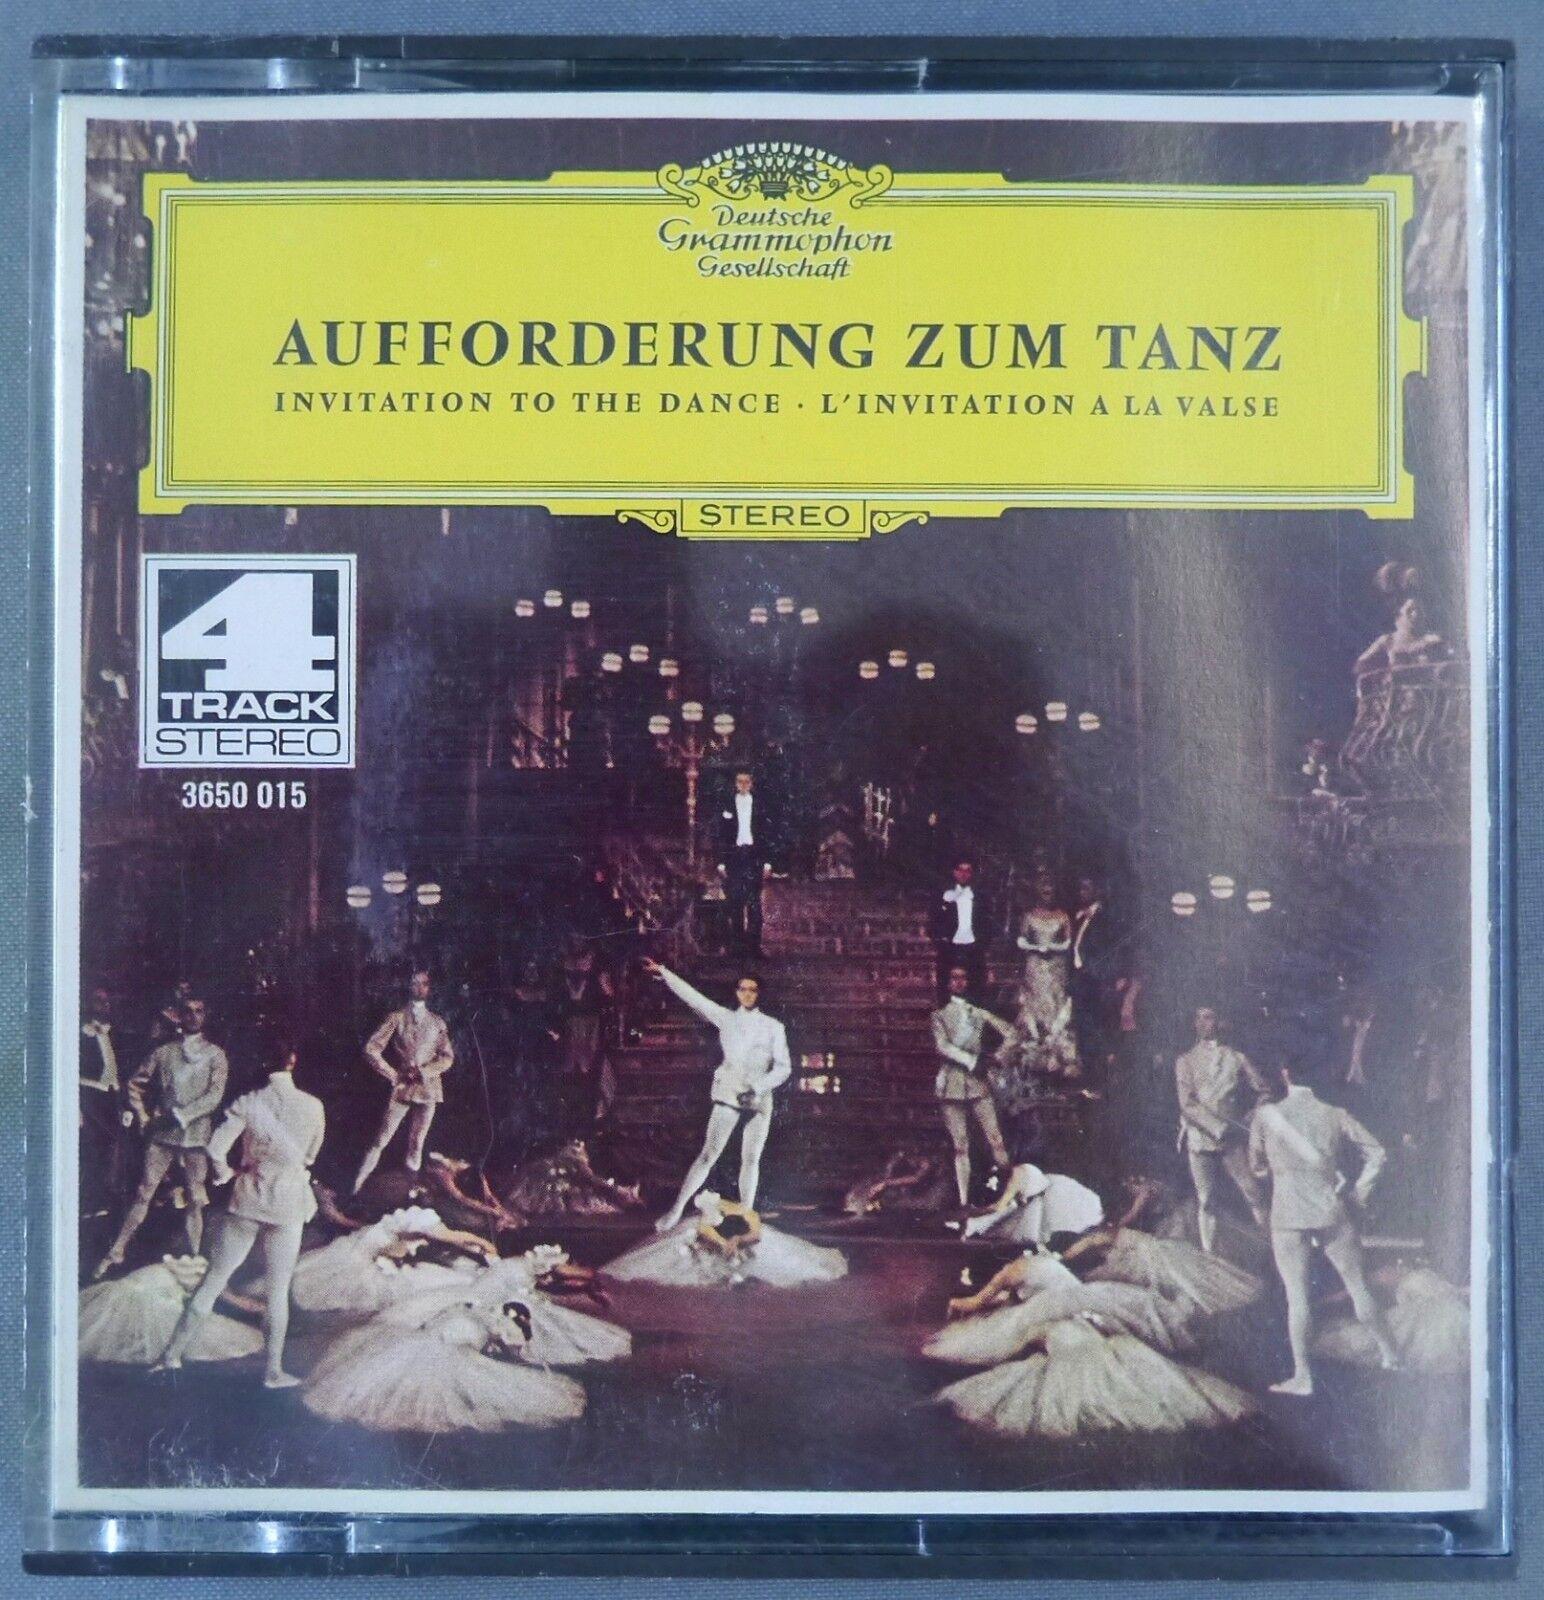 Aufforderung zum Tanz Deutsche Grammophon - Musikband - 3650 015